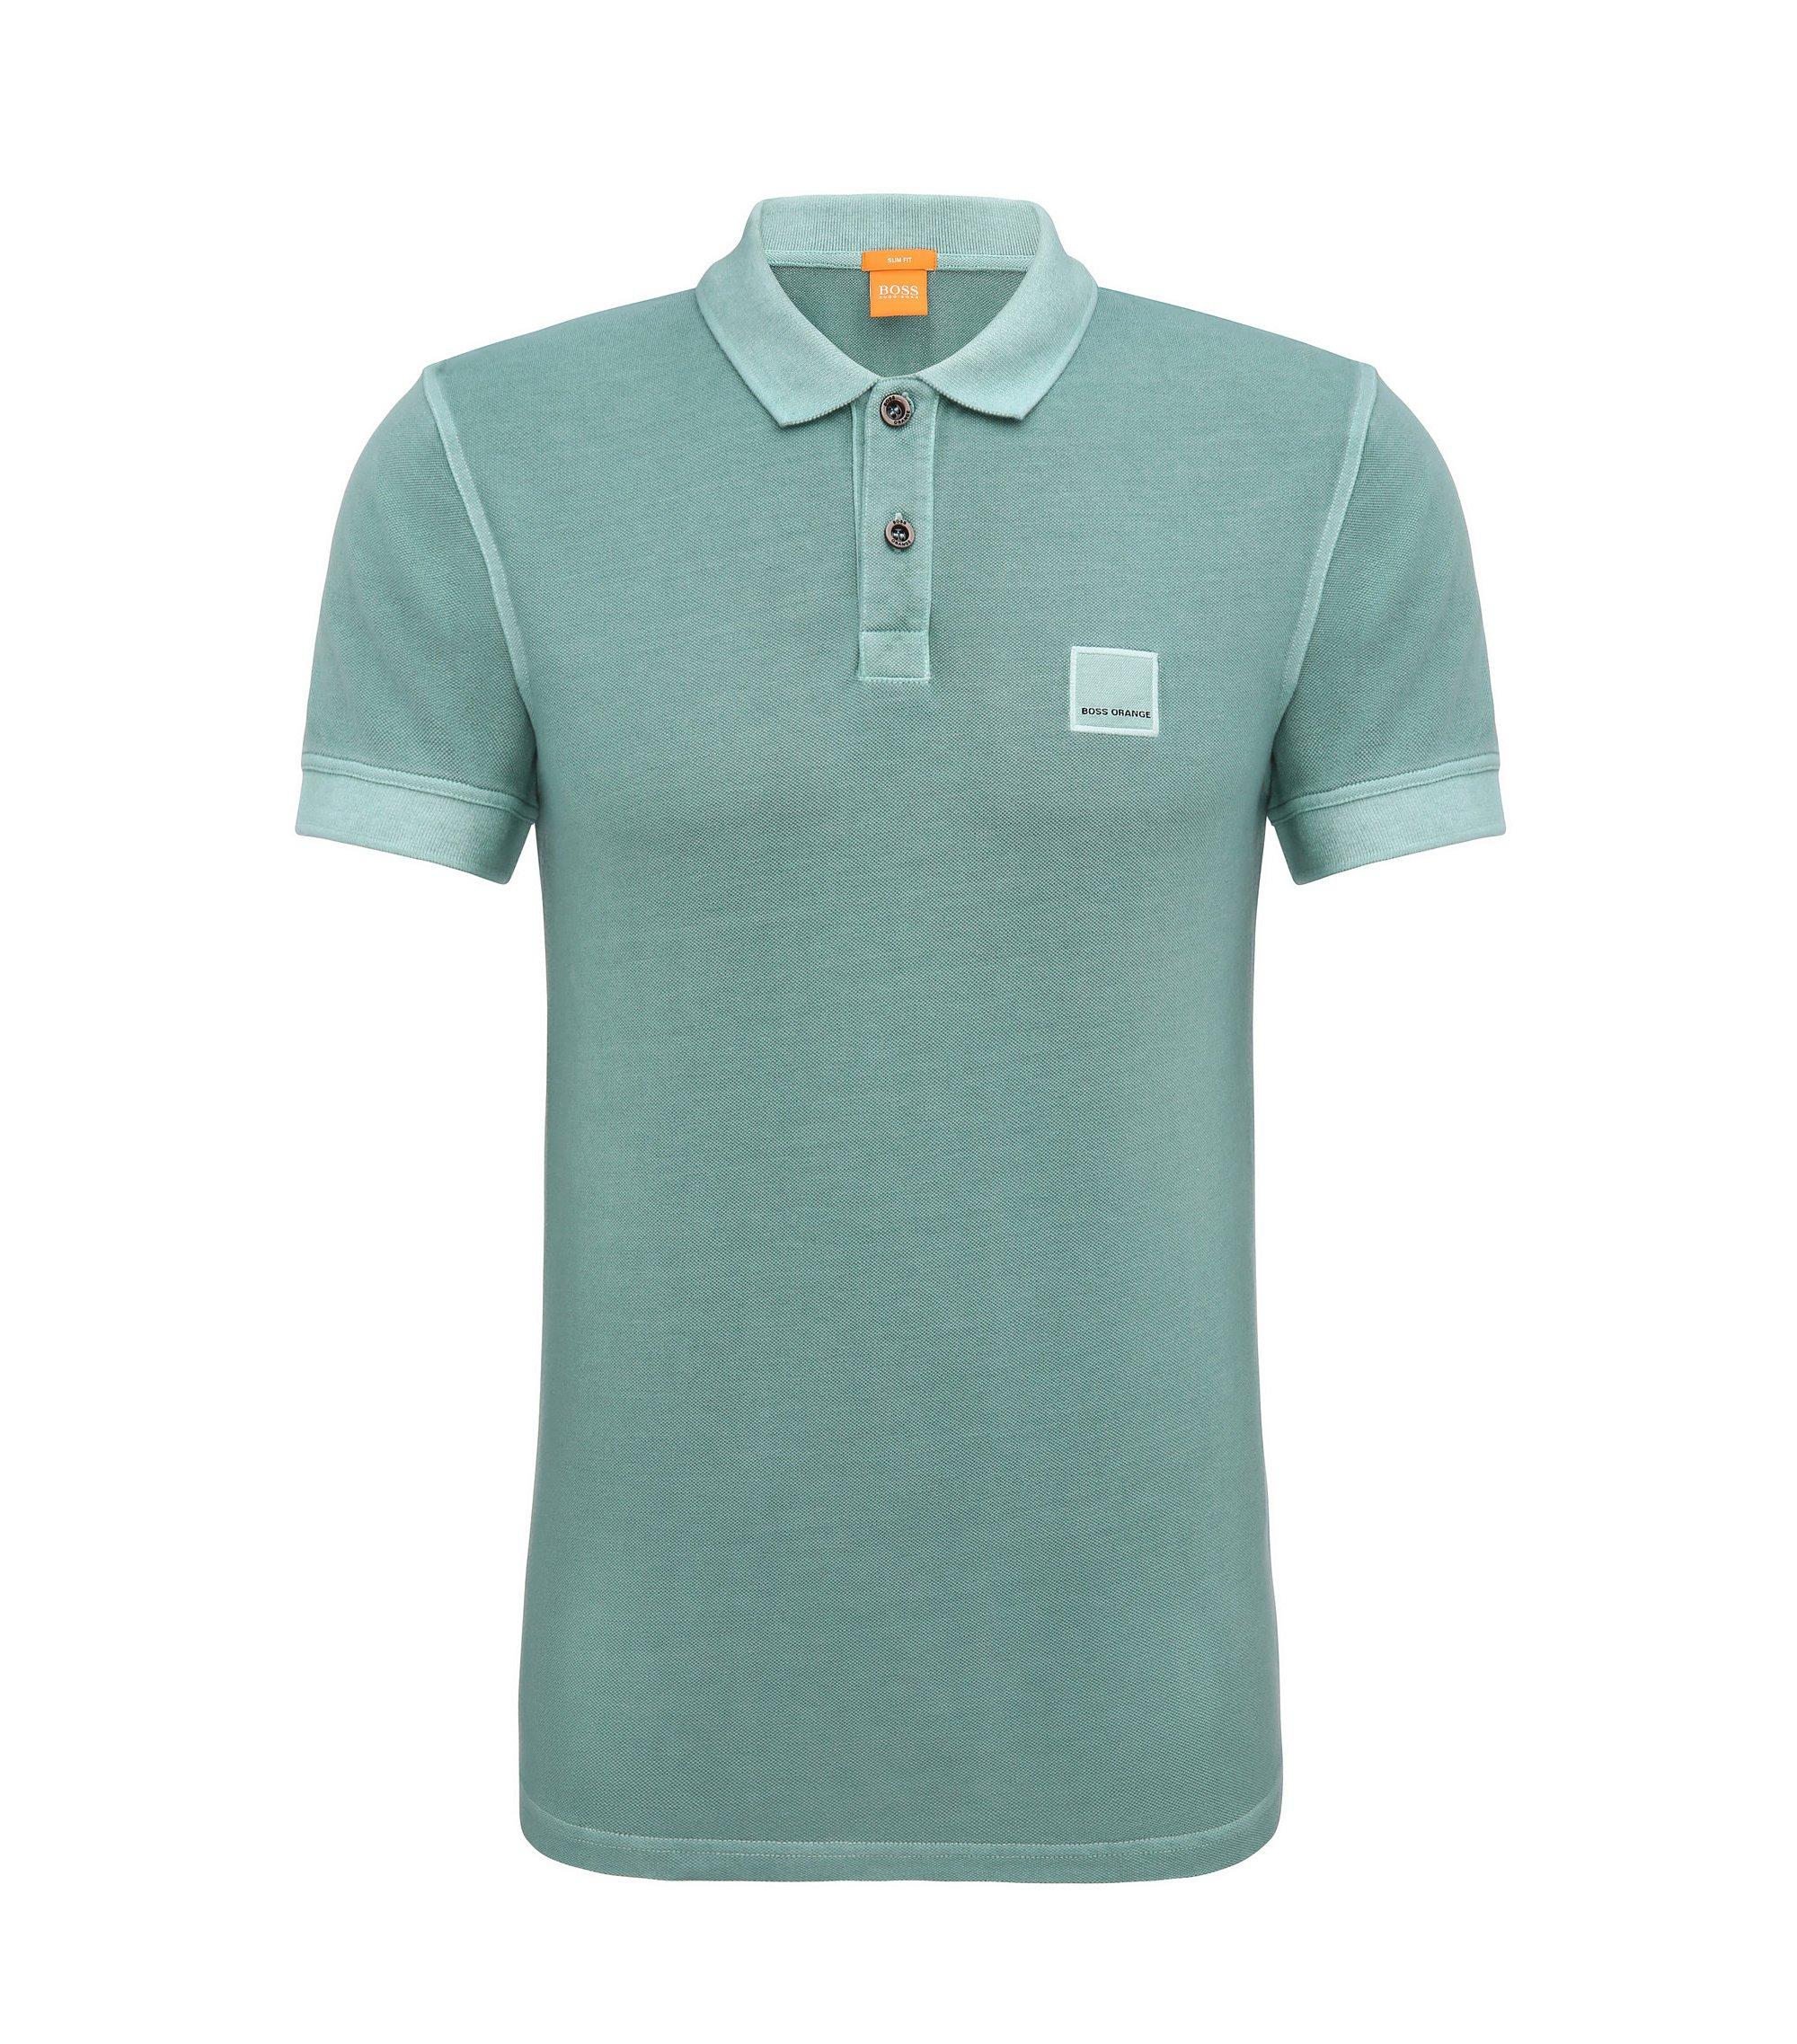 Slim-Fit Poloshirt aus gewaschener Baumwolle, Türkis